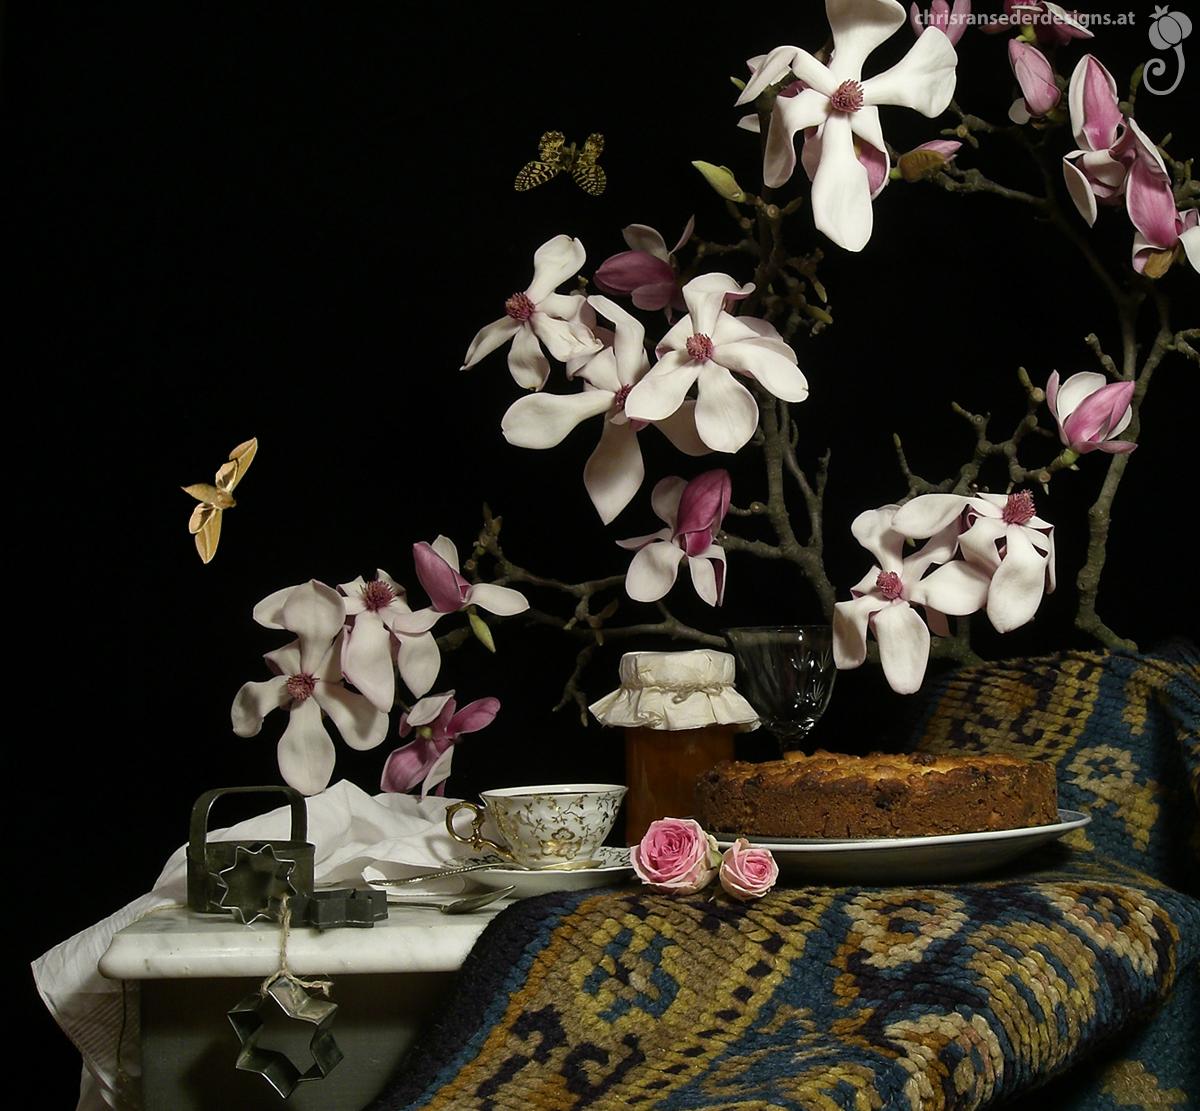 Still life with magnolia branch in full flower, cake and tea. | Stillleben mit blühendem Magnolienzweig, Kuchen und Tee.)